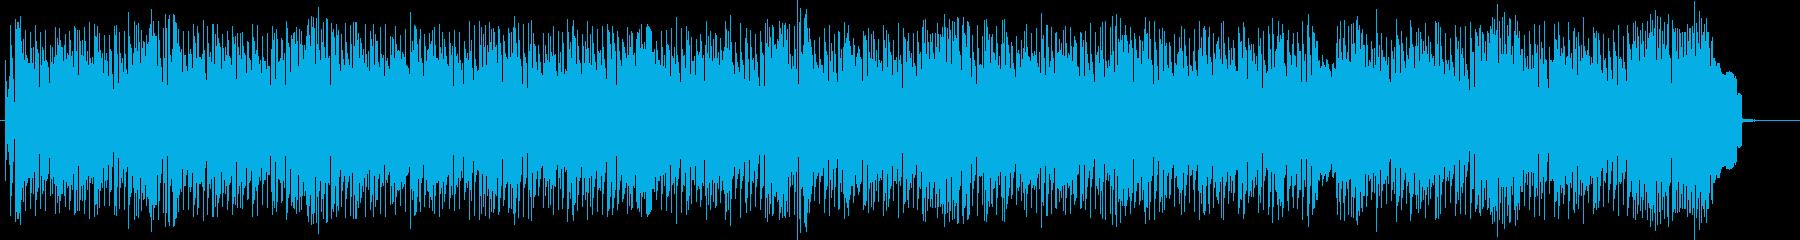 バンド構成によるマーチの再生済みの波形